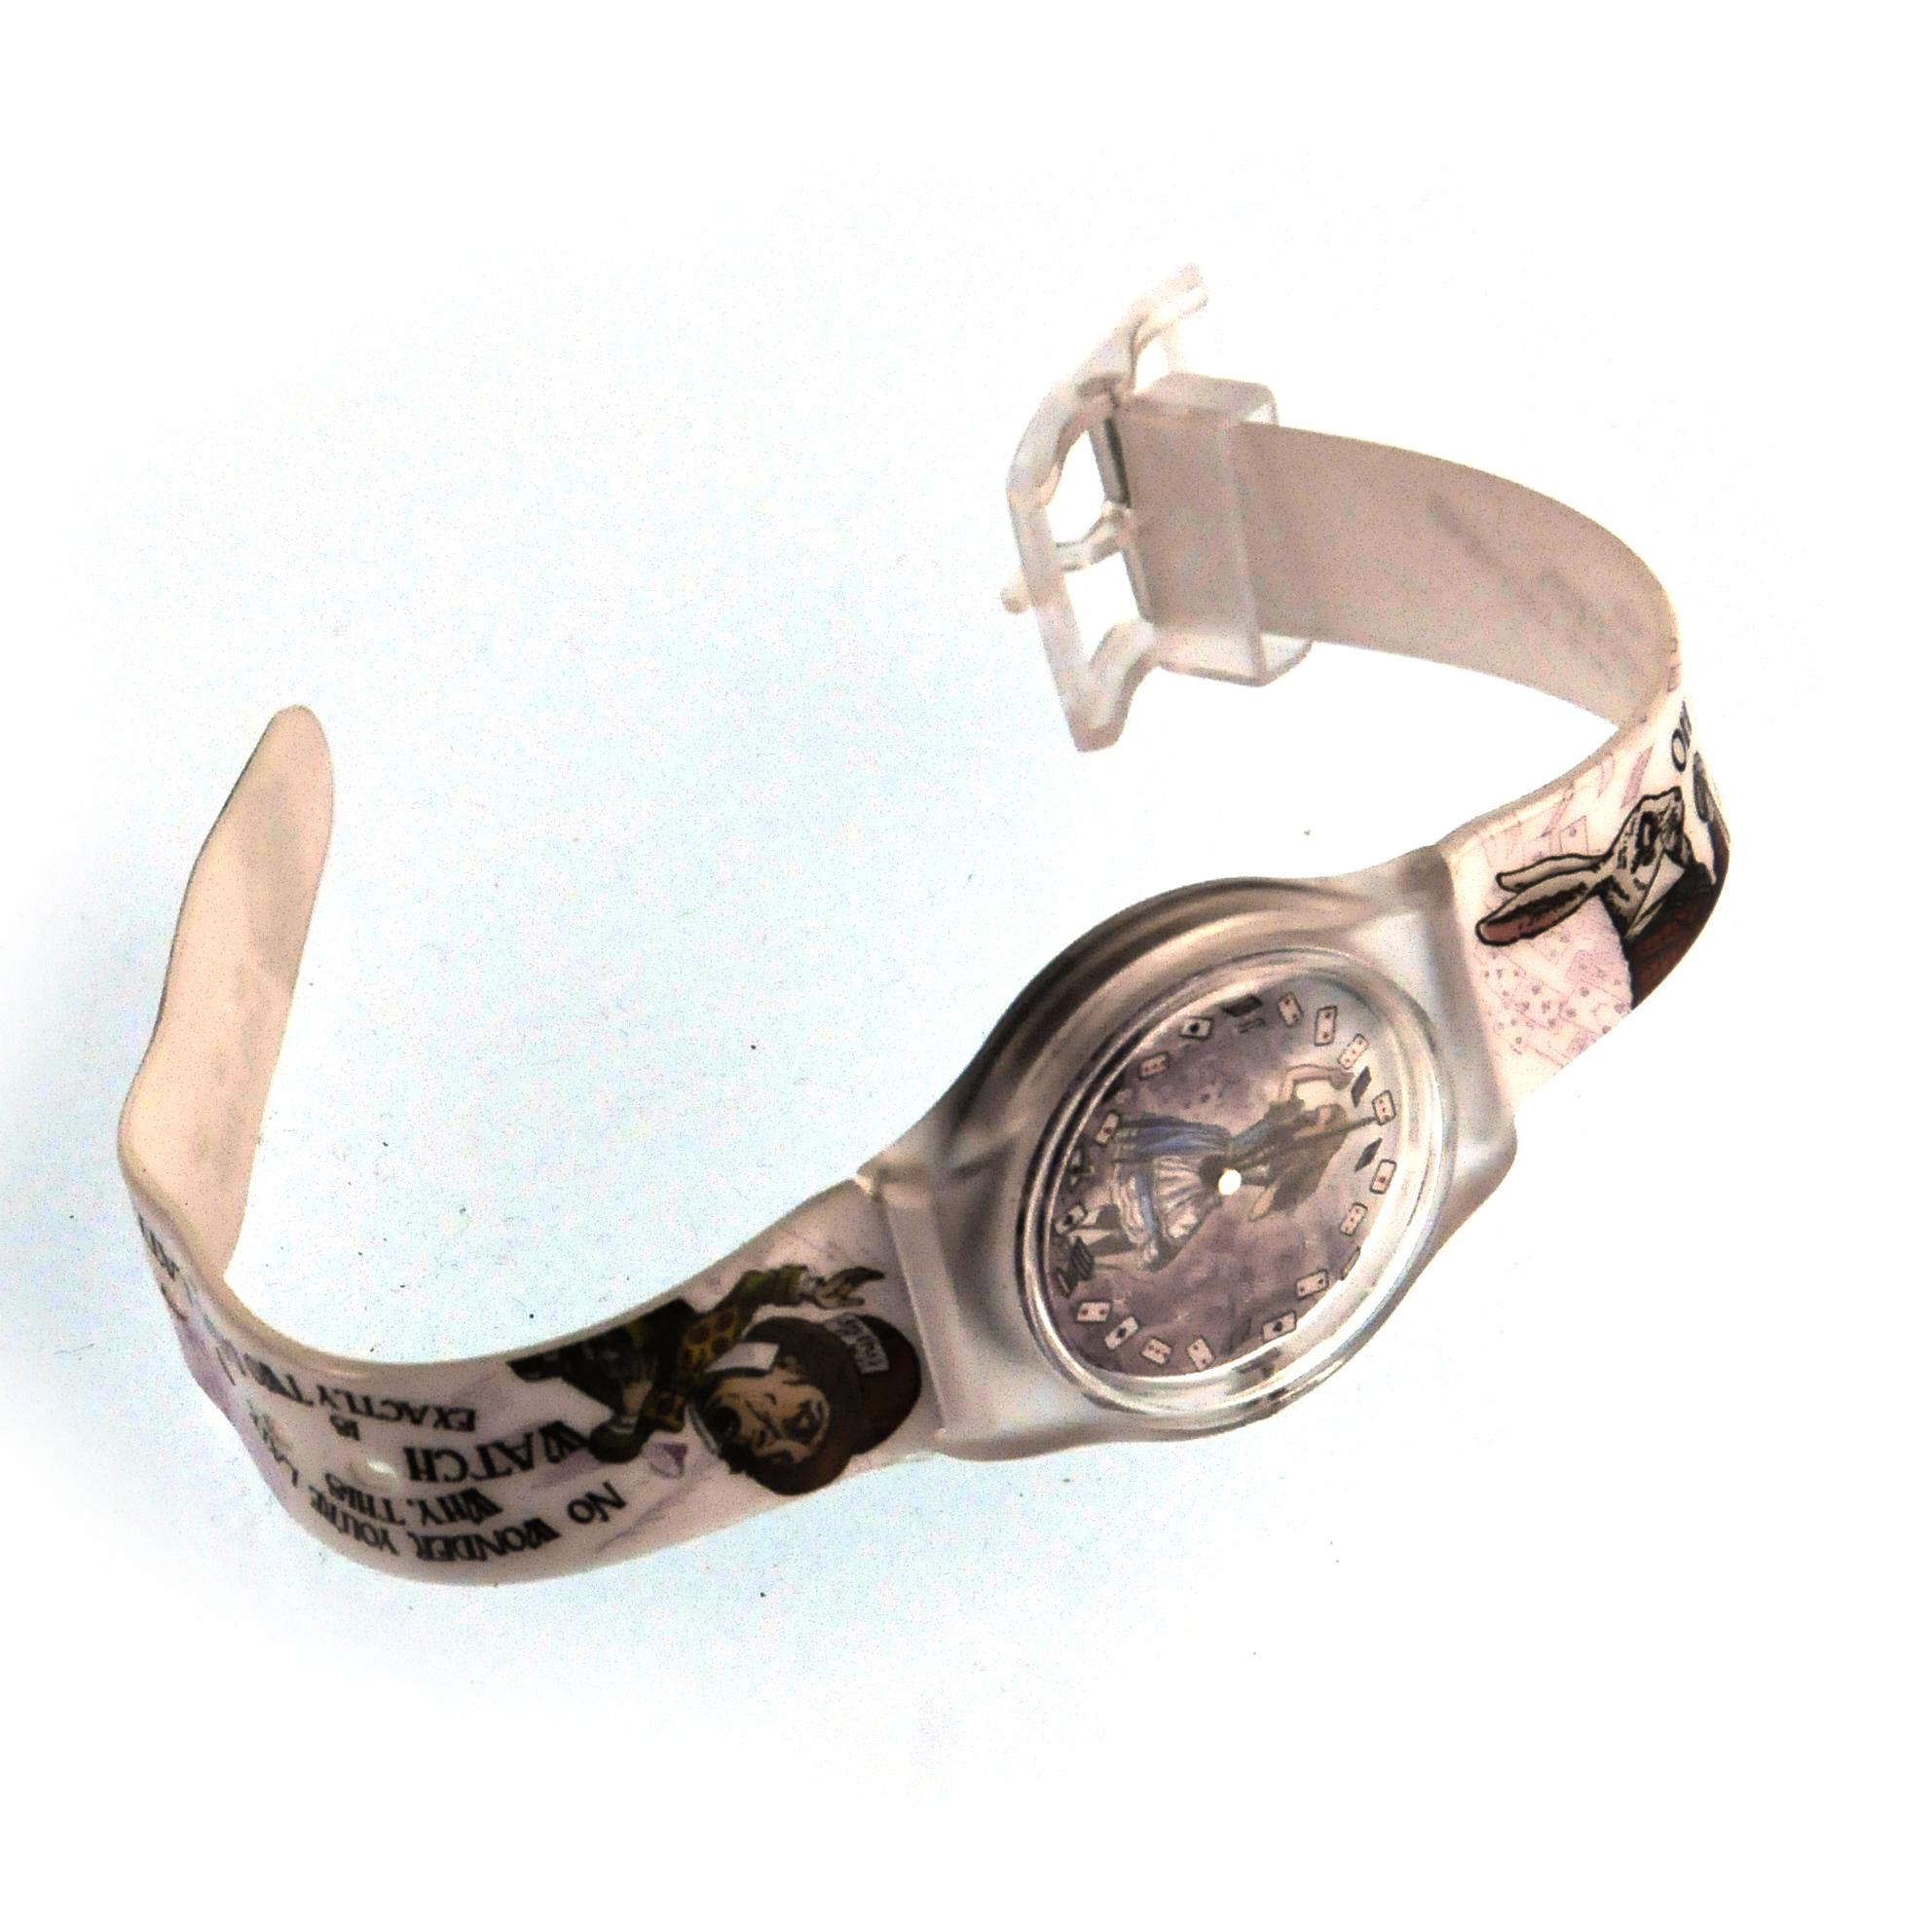 Alice au pays des merveilles montre bracelet ebay - Montre lapin alice au pays des merveilles ...